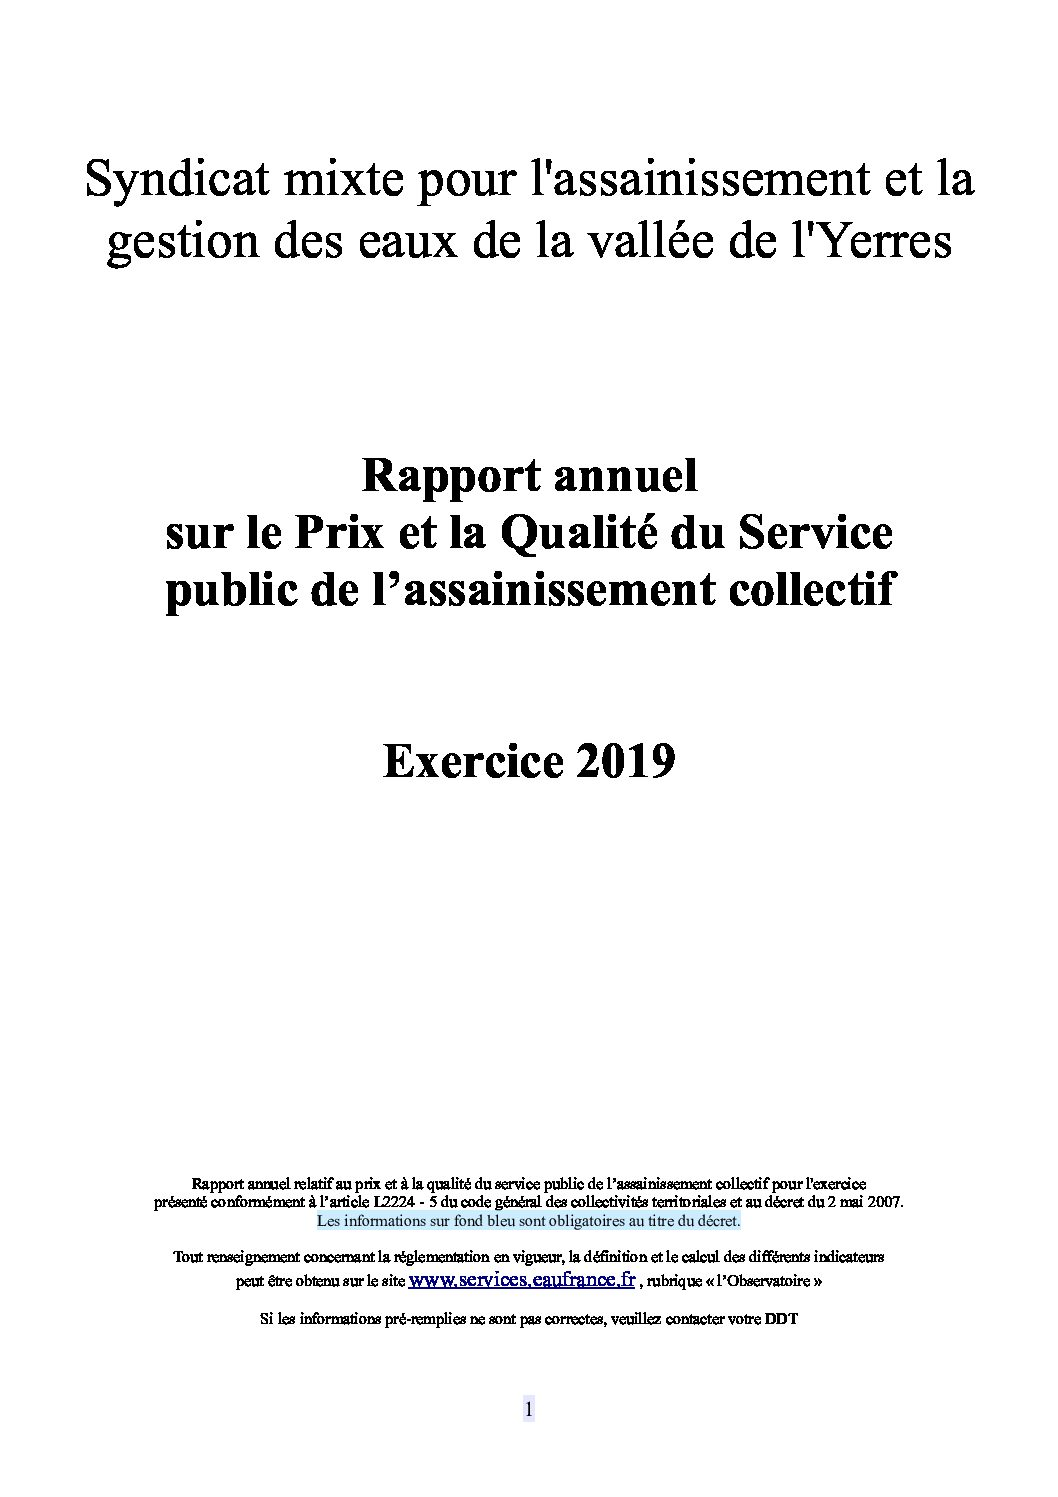 Prix et qualité du service public de l'assainissement collectif en 2019